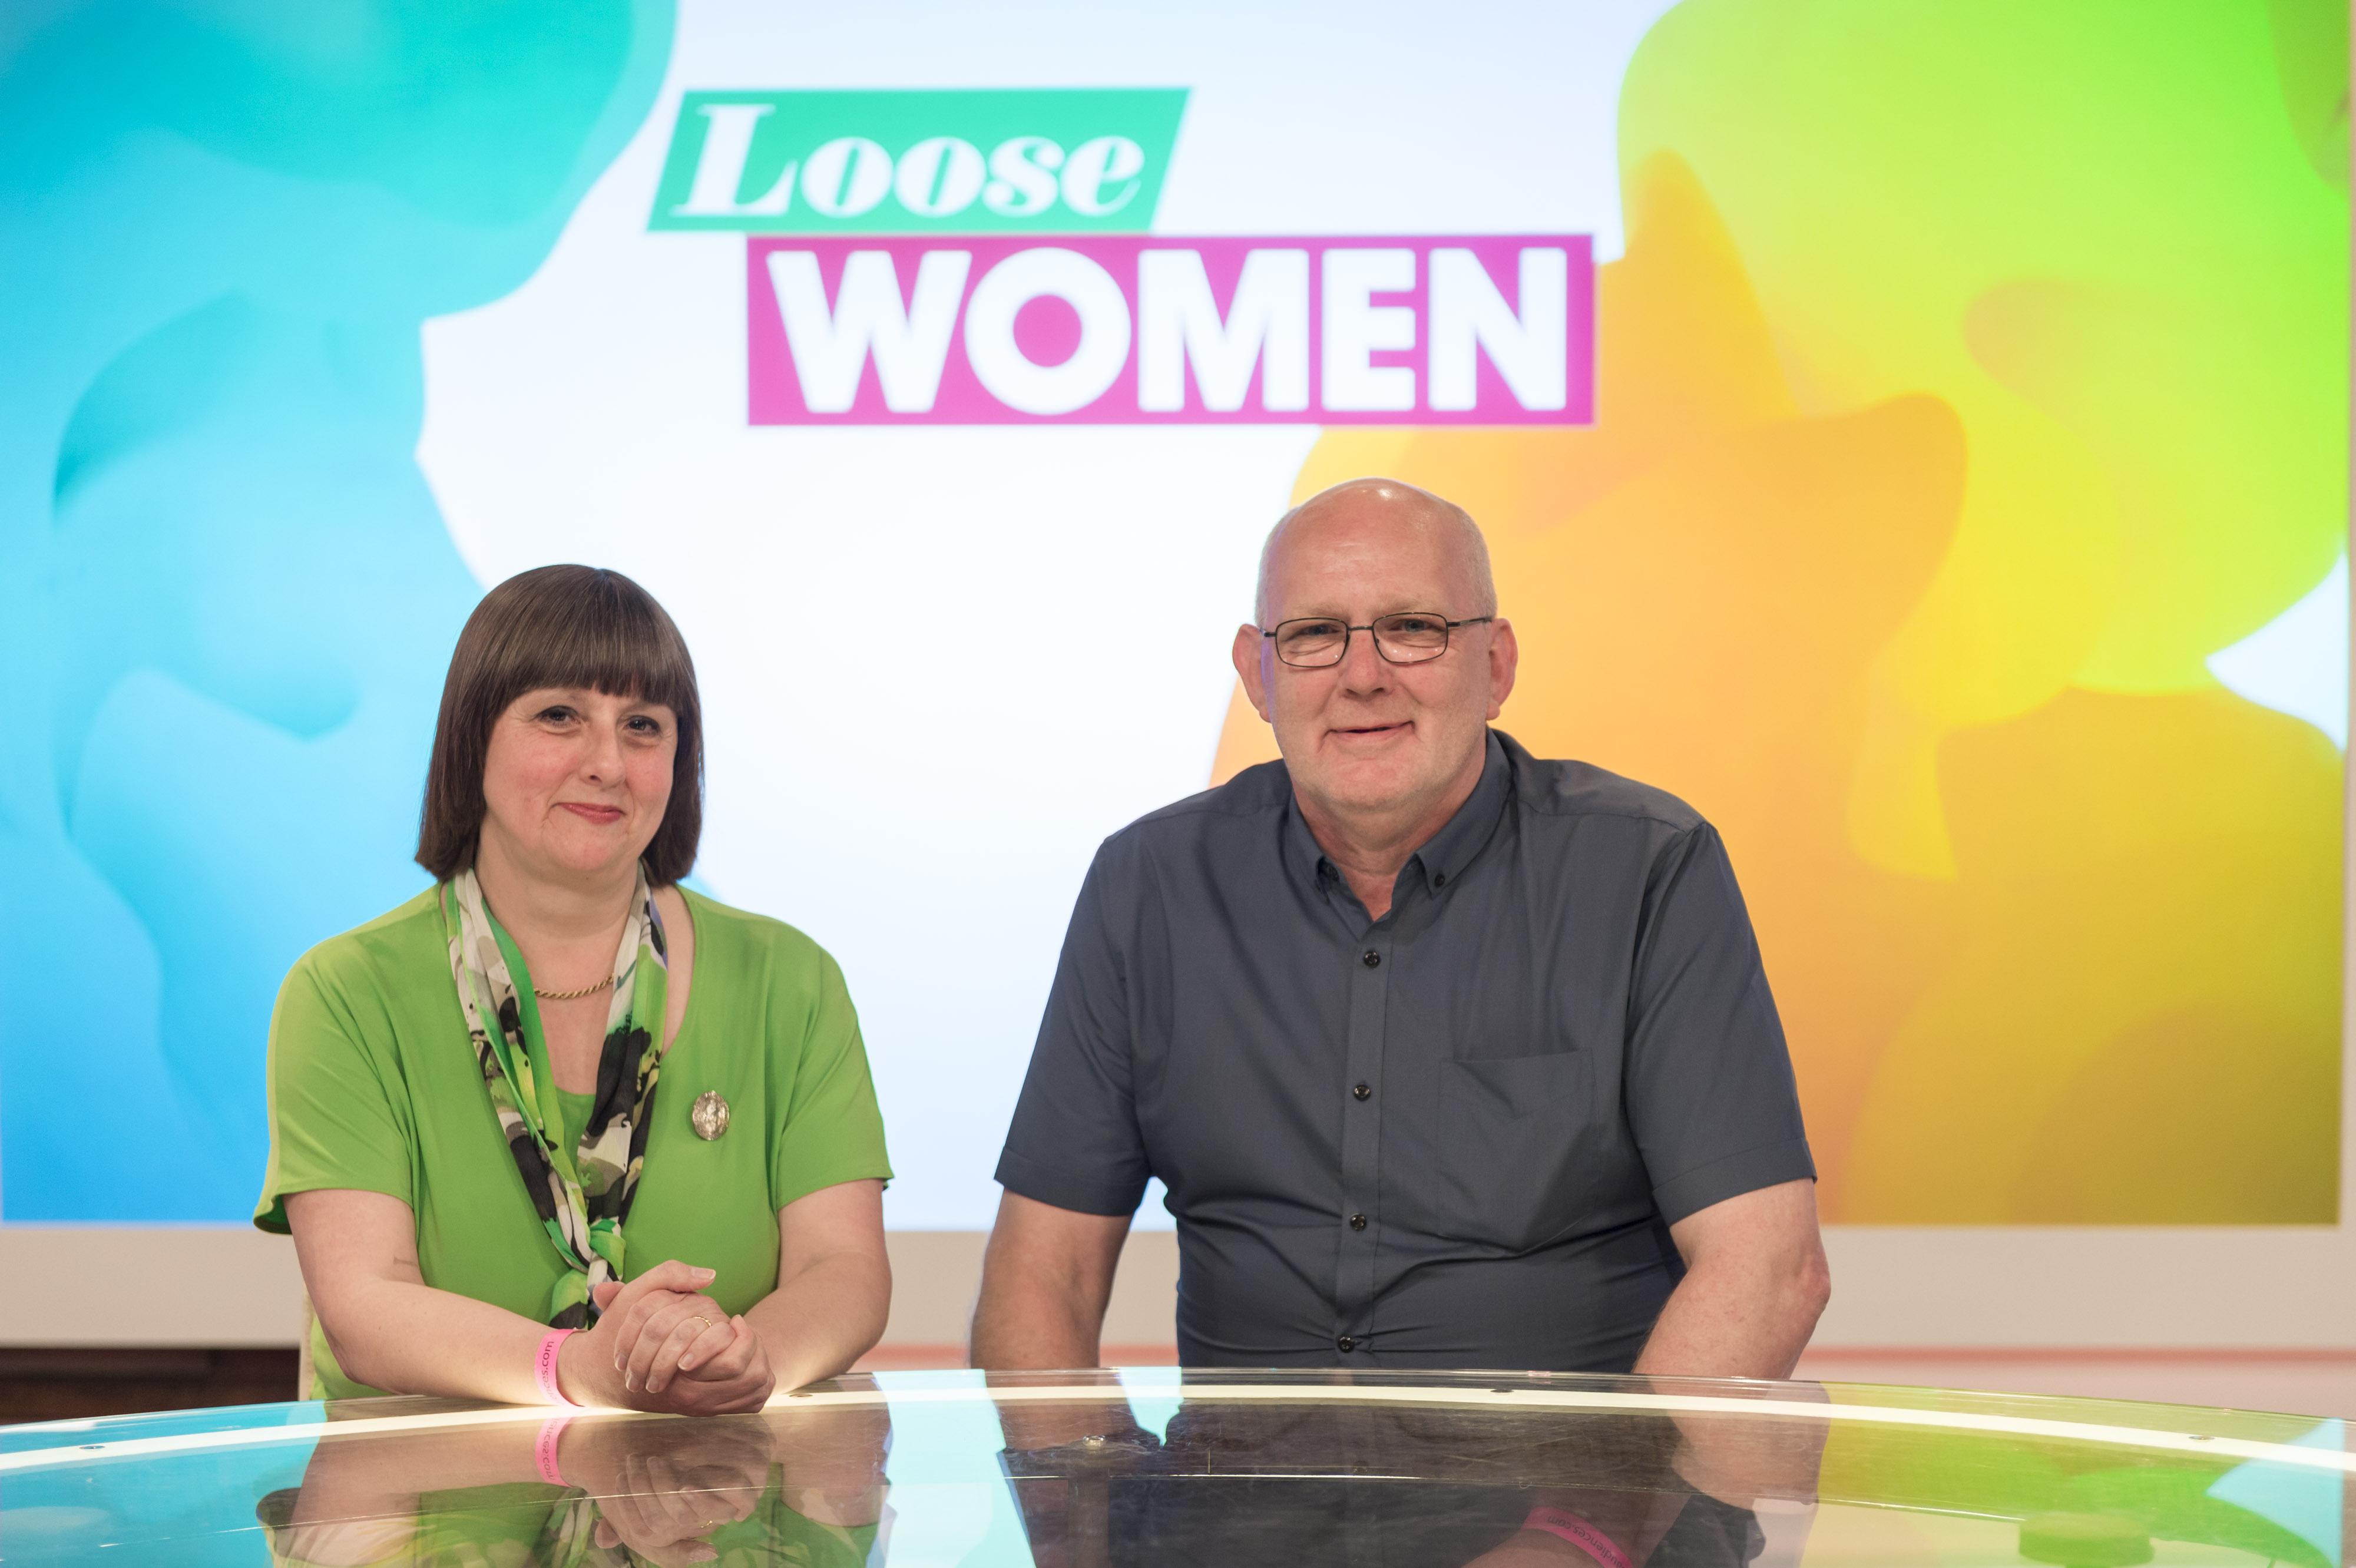 Loose Women   08-06-2015.